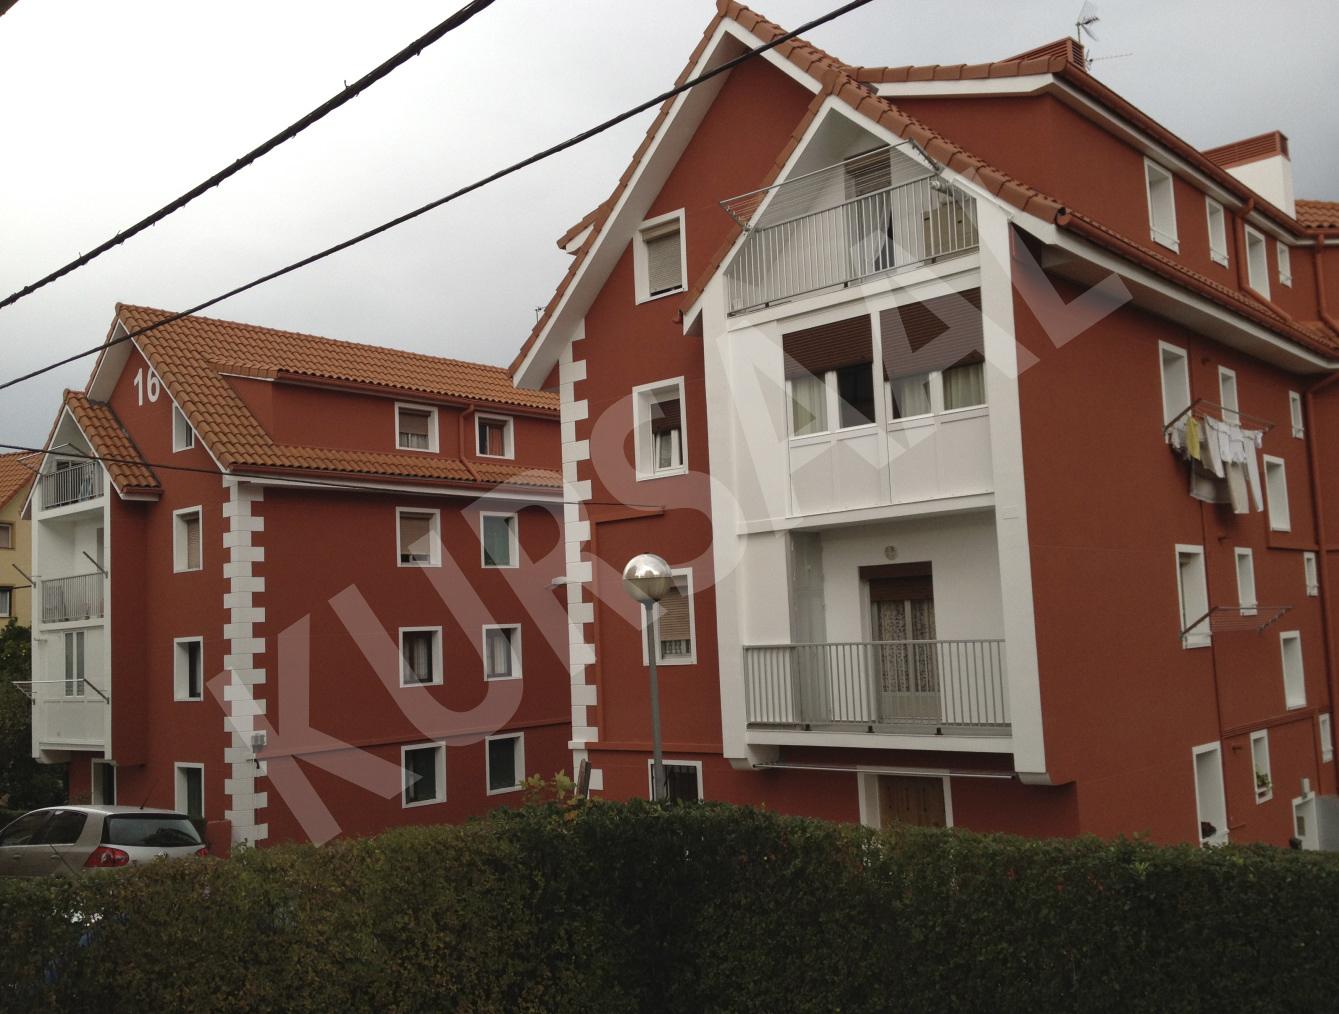 foto 4 - Aislamientos Térmicos y Eficiencia Energética-Irurak 20-DONOSTIA, GIPUZKOA